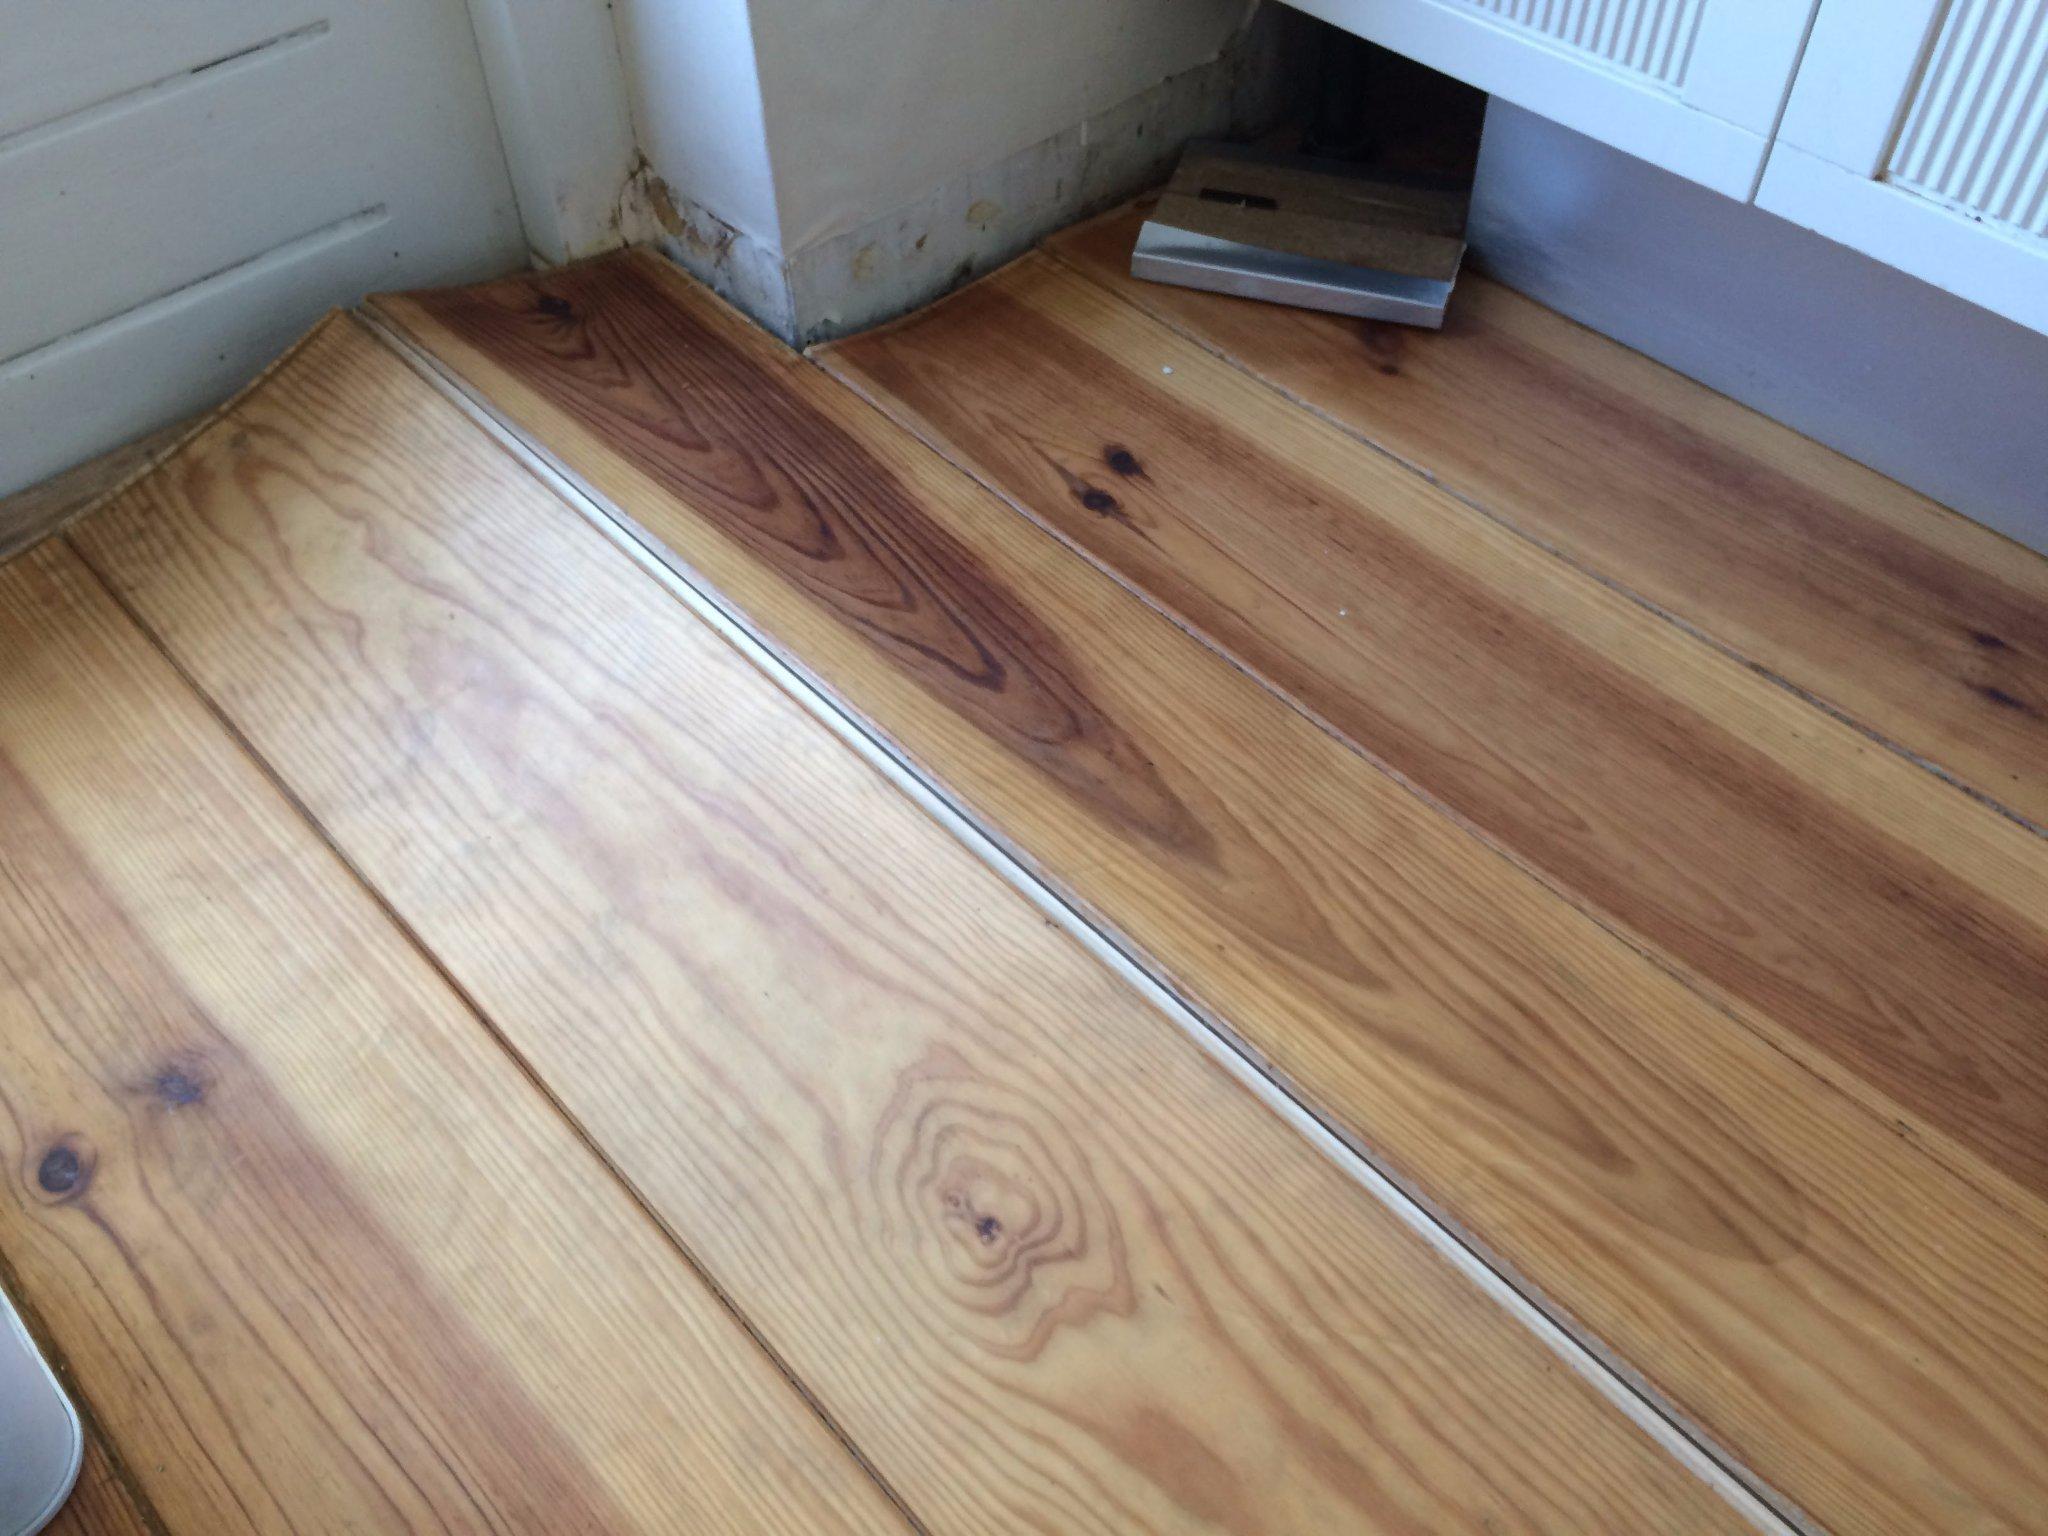 Herstellen houten vloer met waterschade ca. 2 m² werkspot